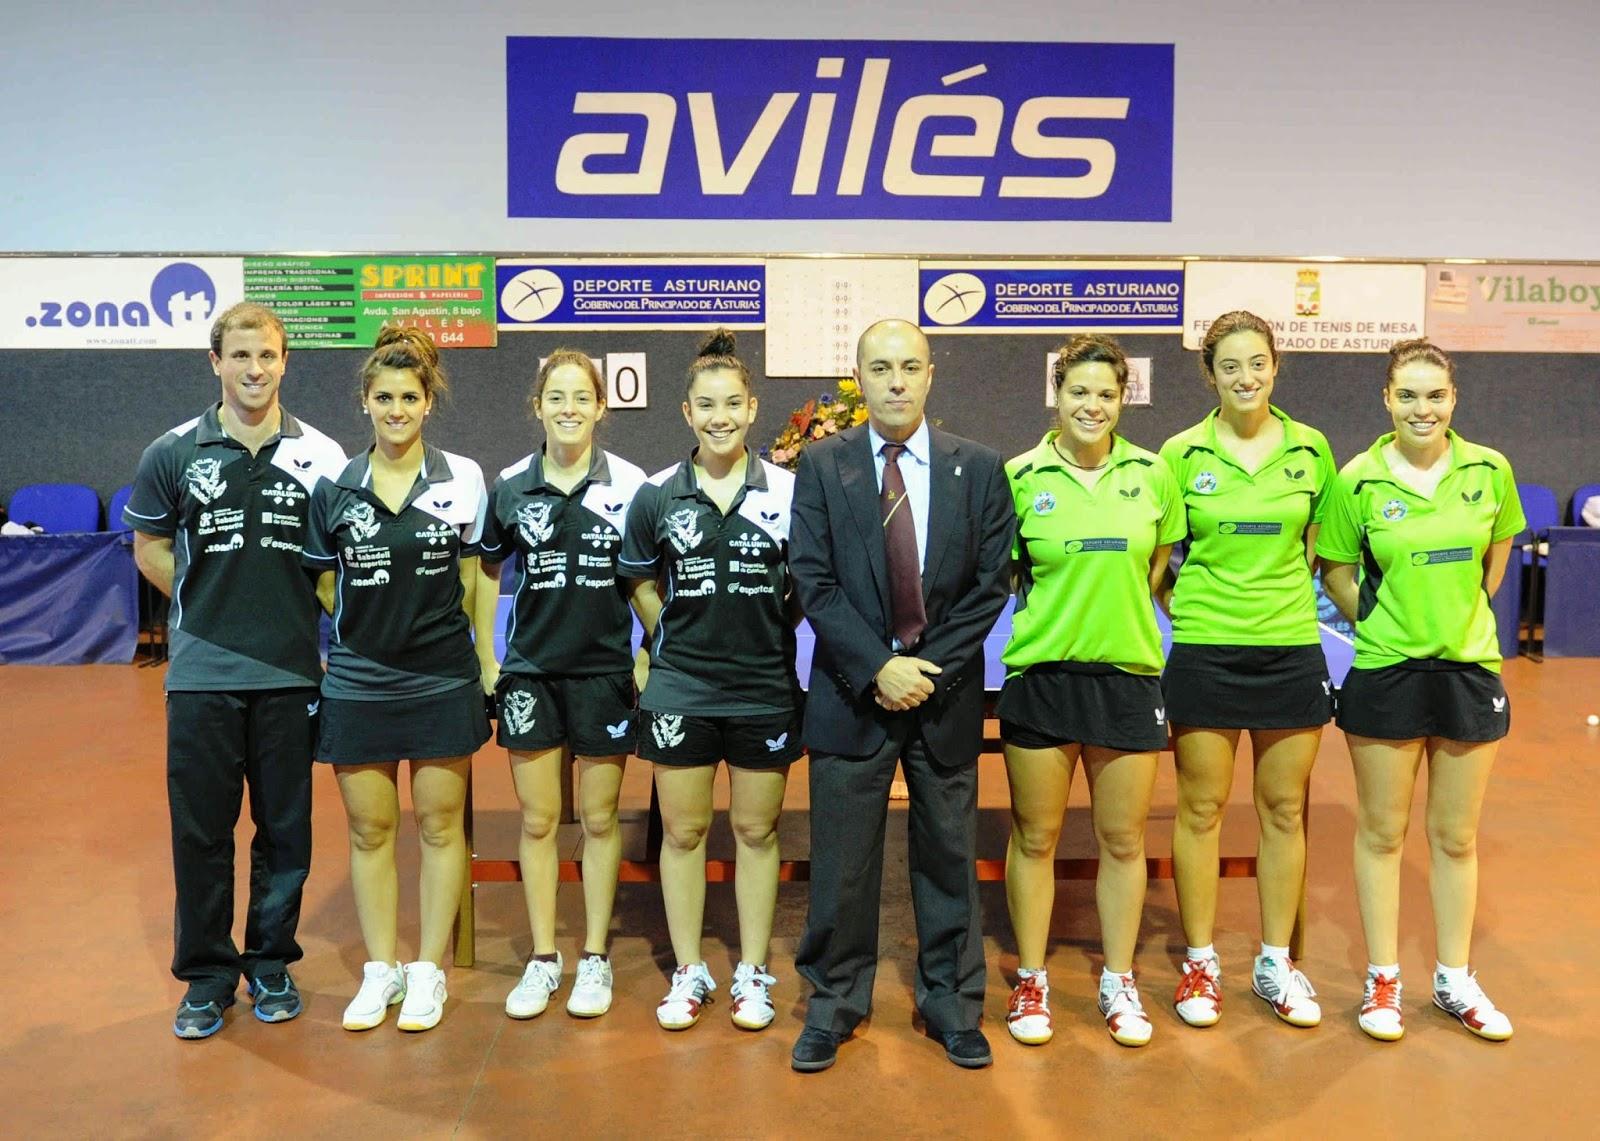 Federaci n de tenis de mesa del principado de asturias diciembre 2014 - Aviles tenis de mesa ...